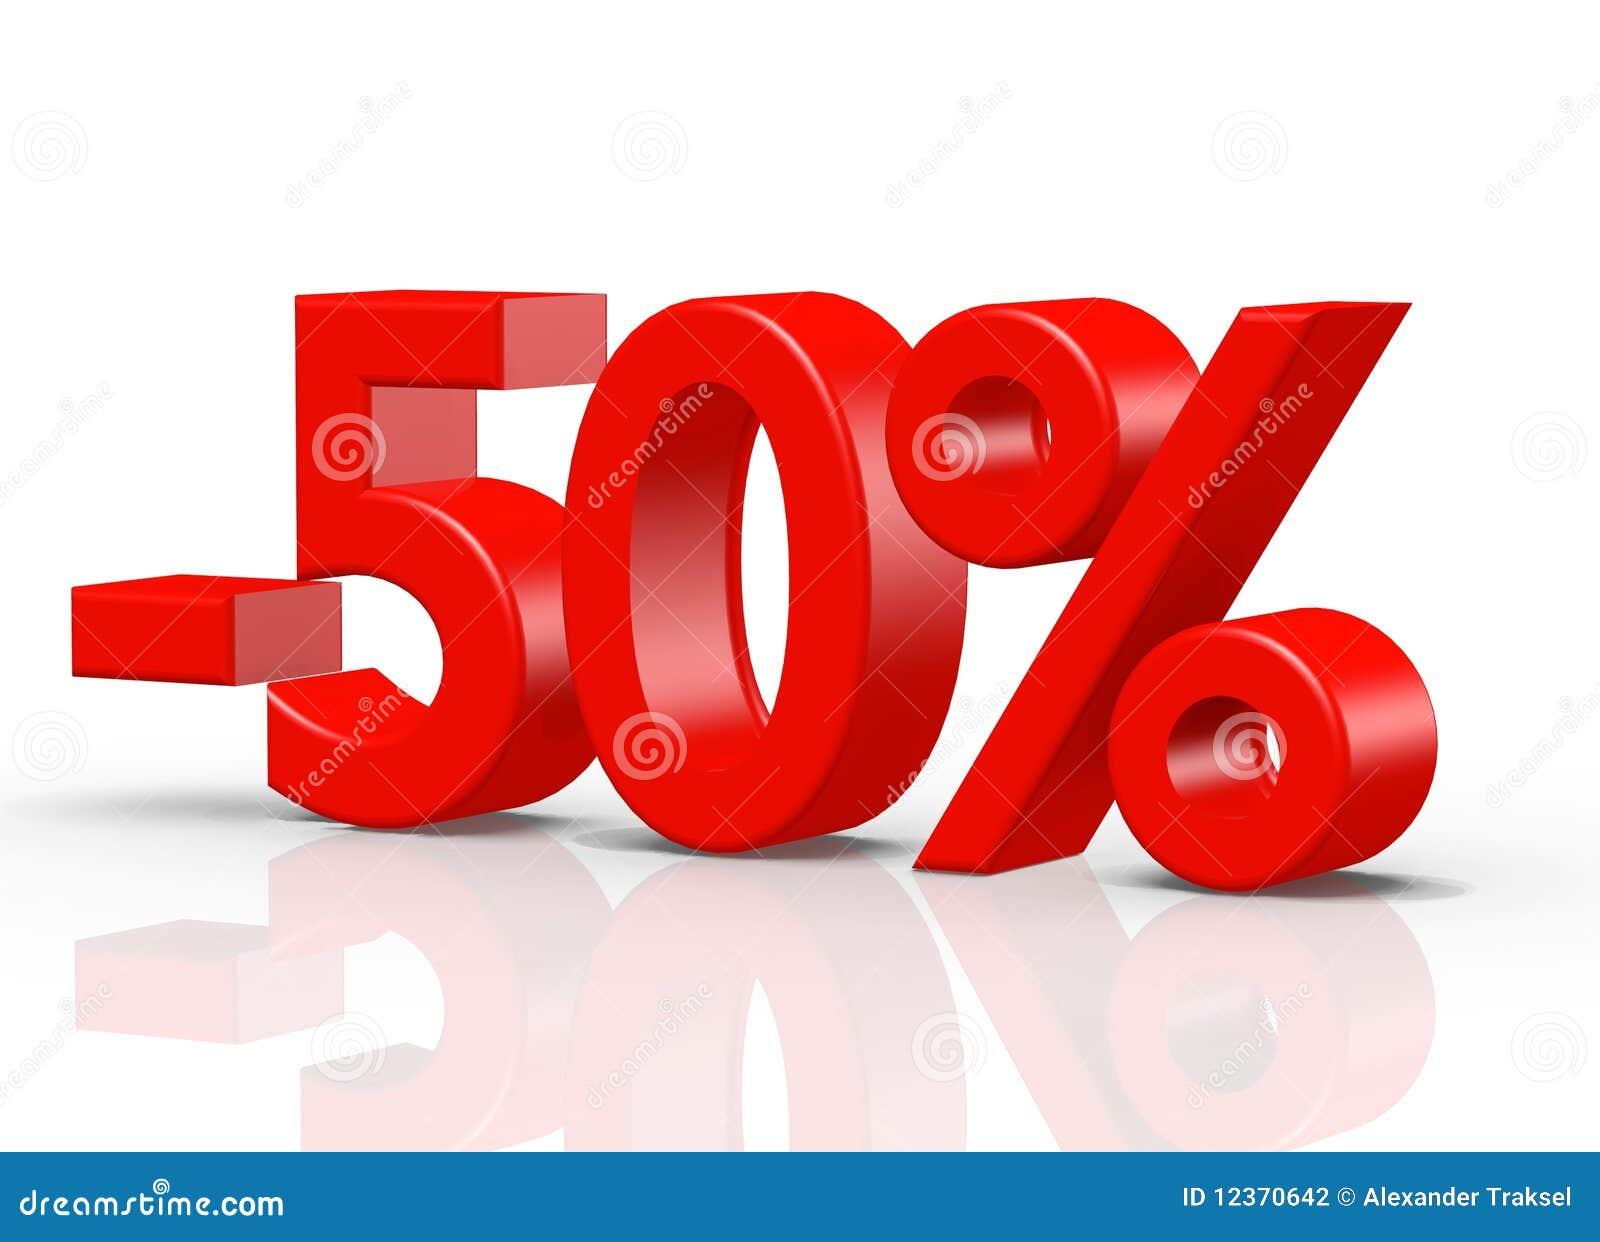 50 prozent schwerbehinderung